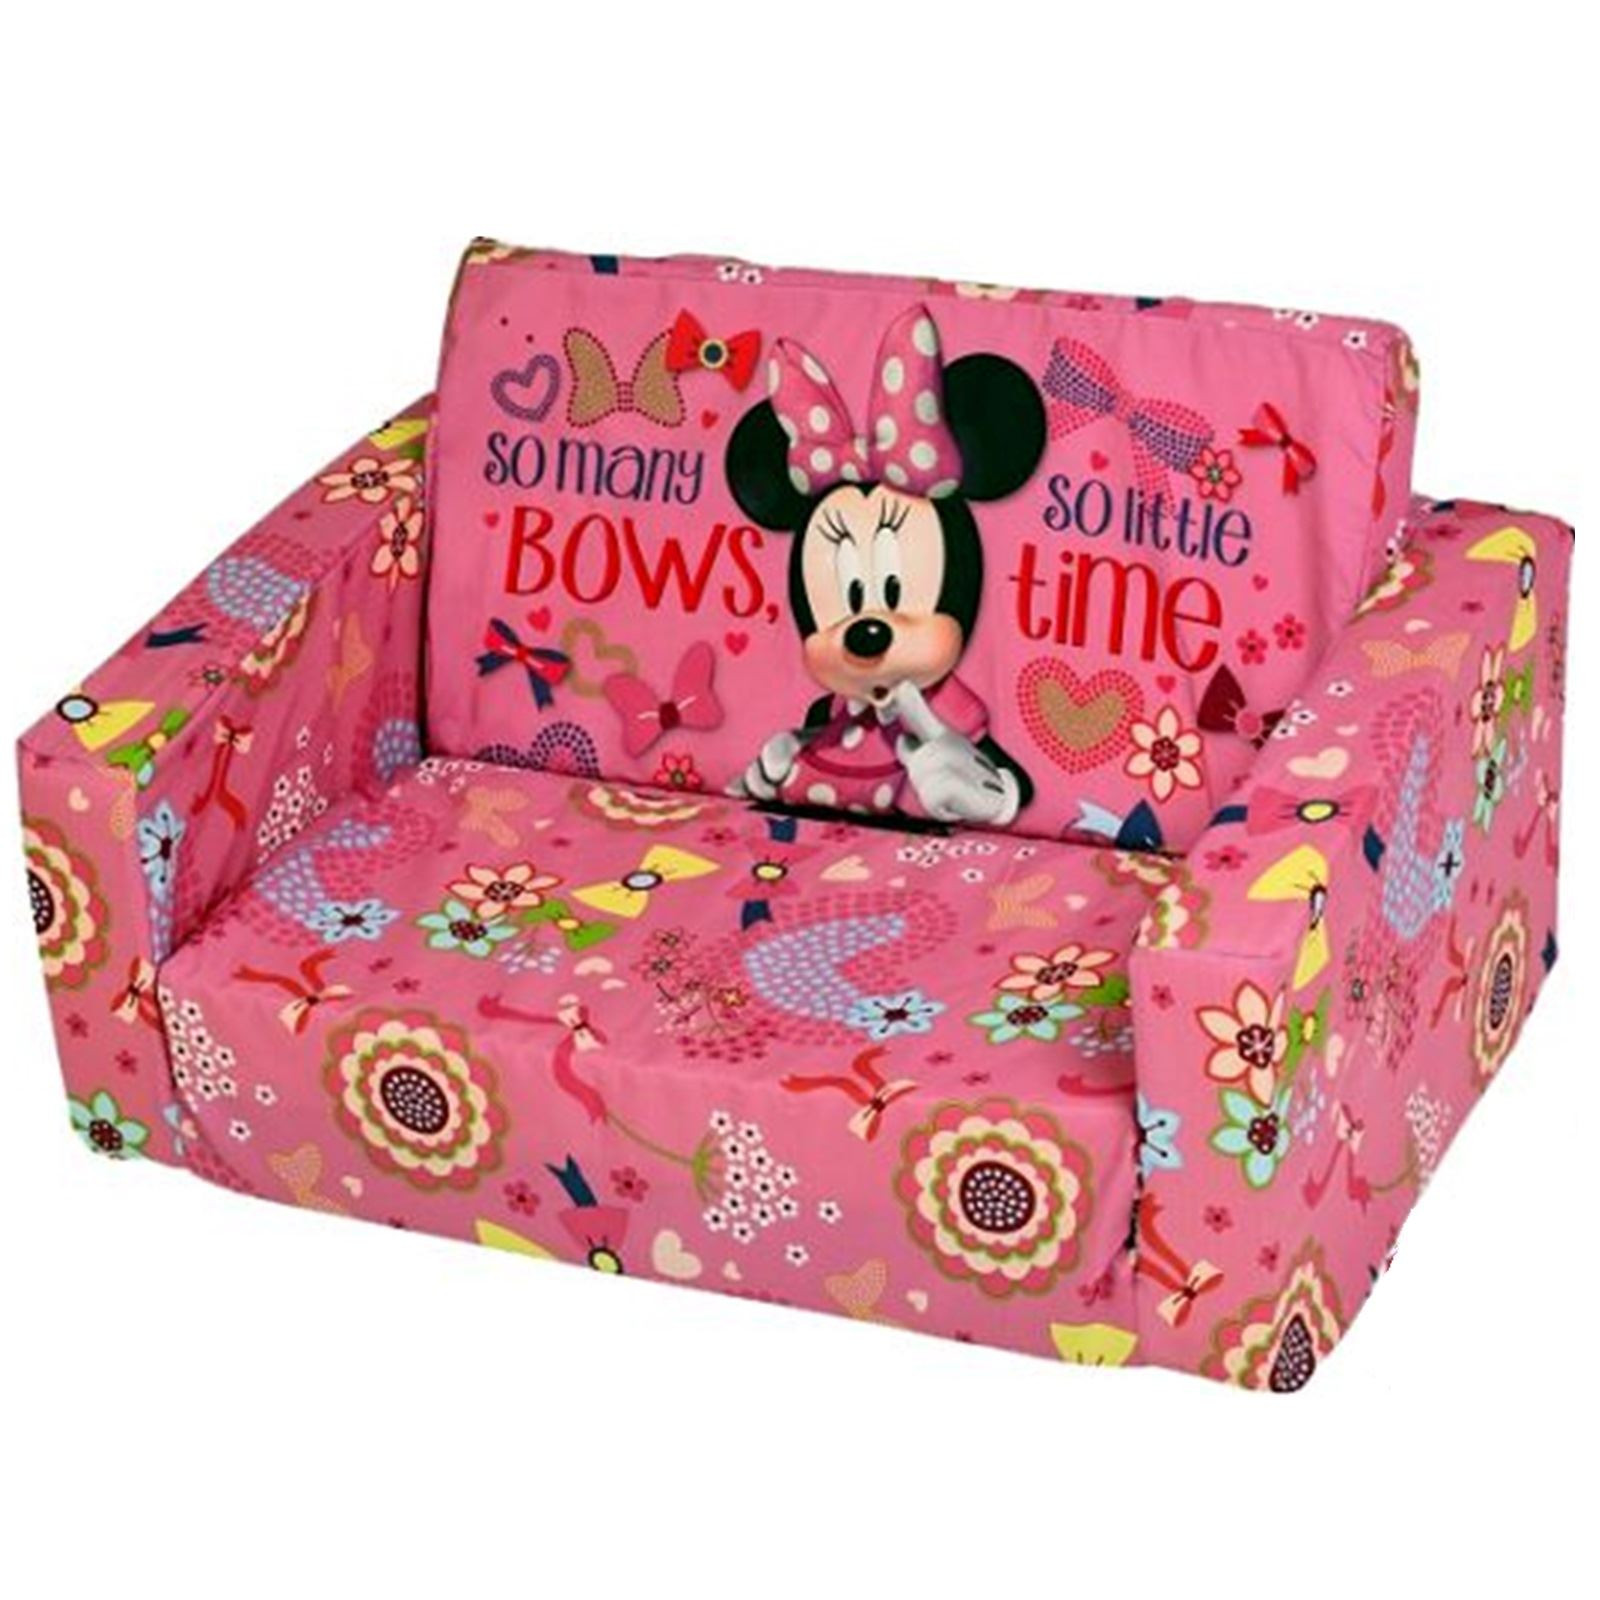 Minnie Mouse Sofa Nepaphotoscom